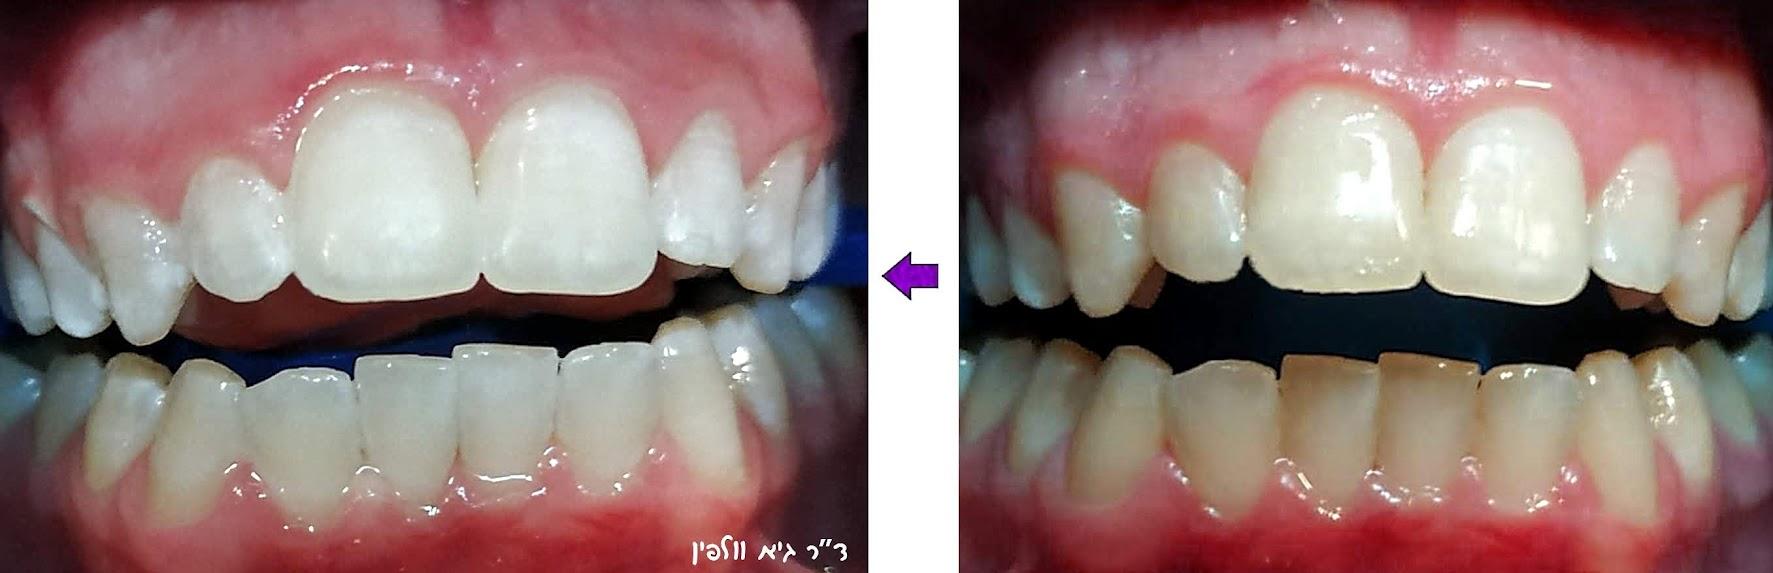 הלבנת שיניים תוך שעה, ד''ר גיא וולפין, אסתטיקה דנטלית ושיקום הפה